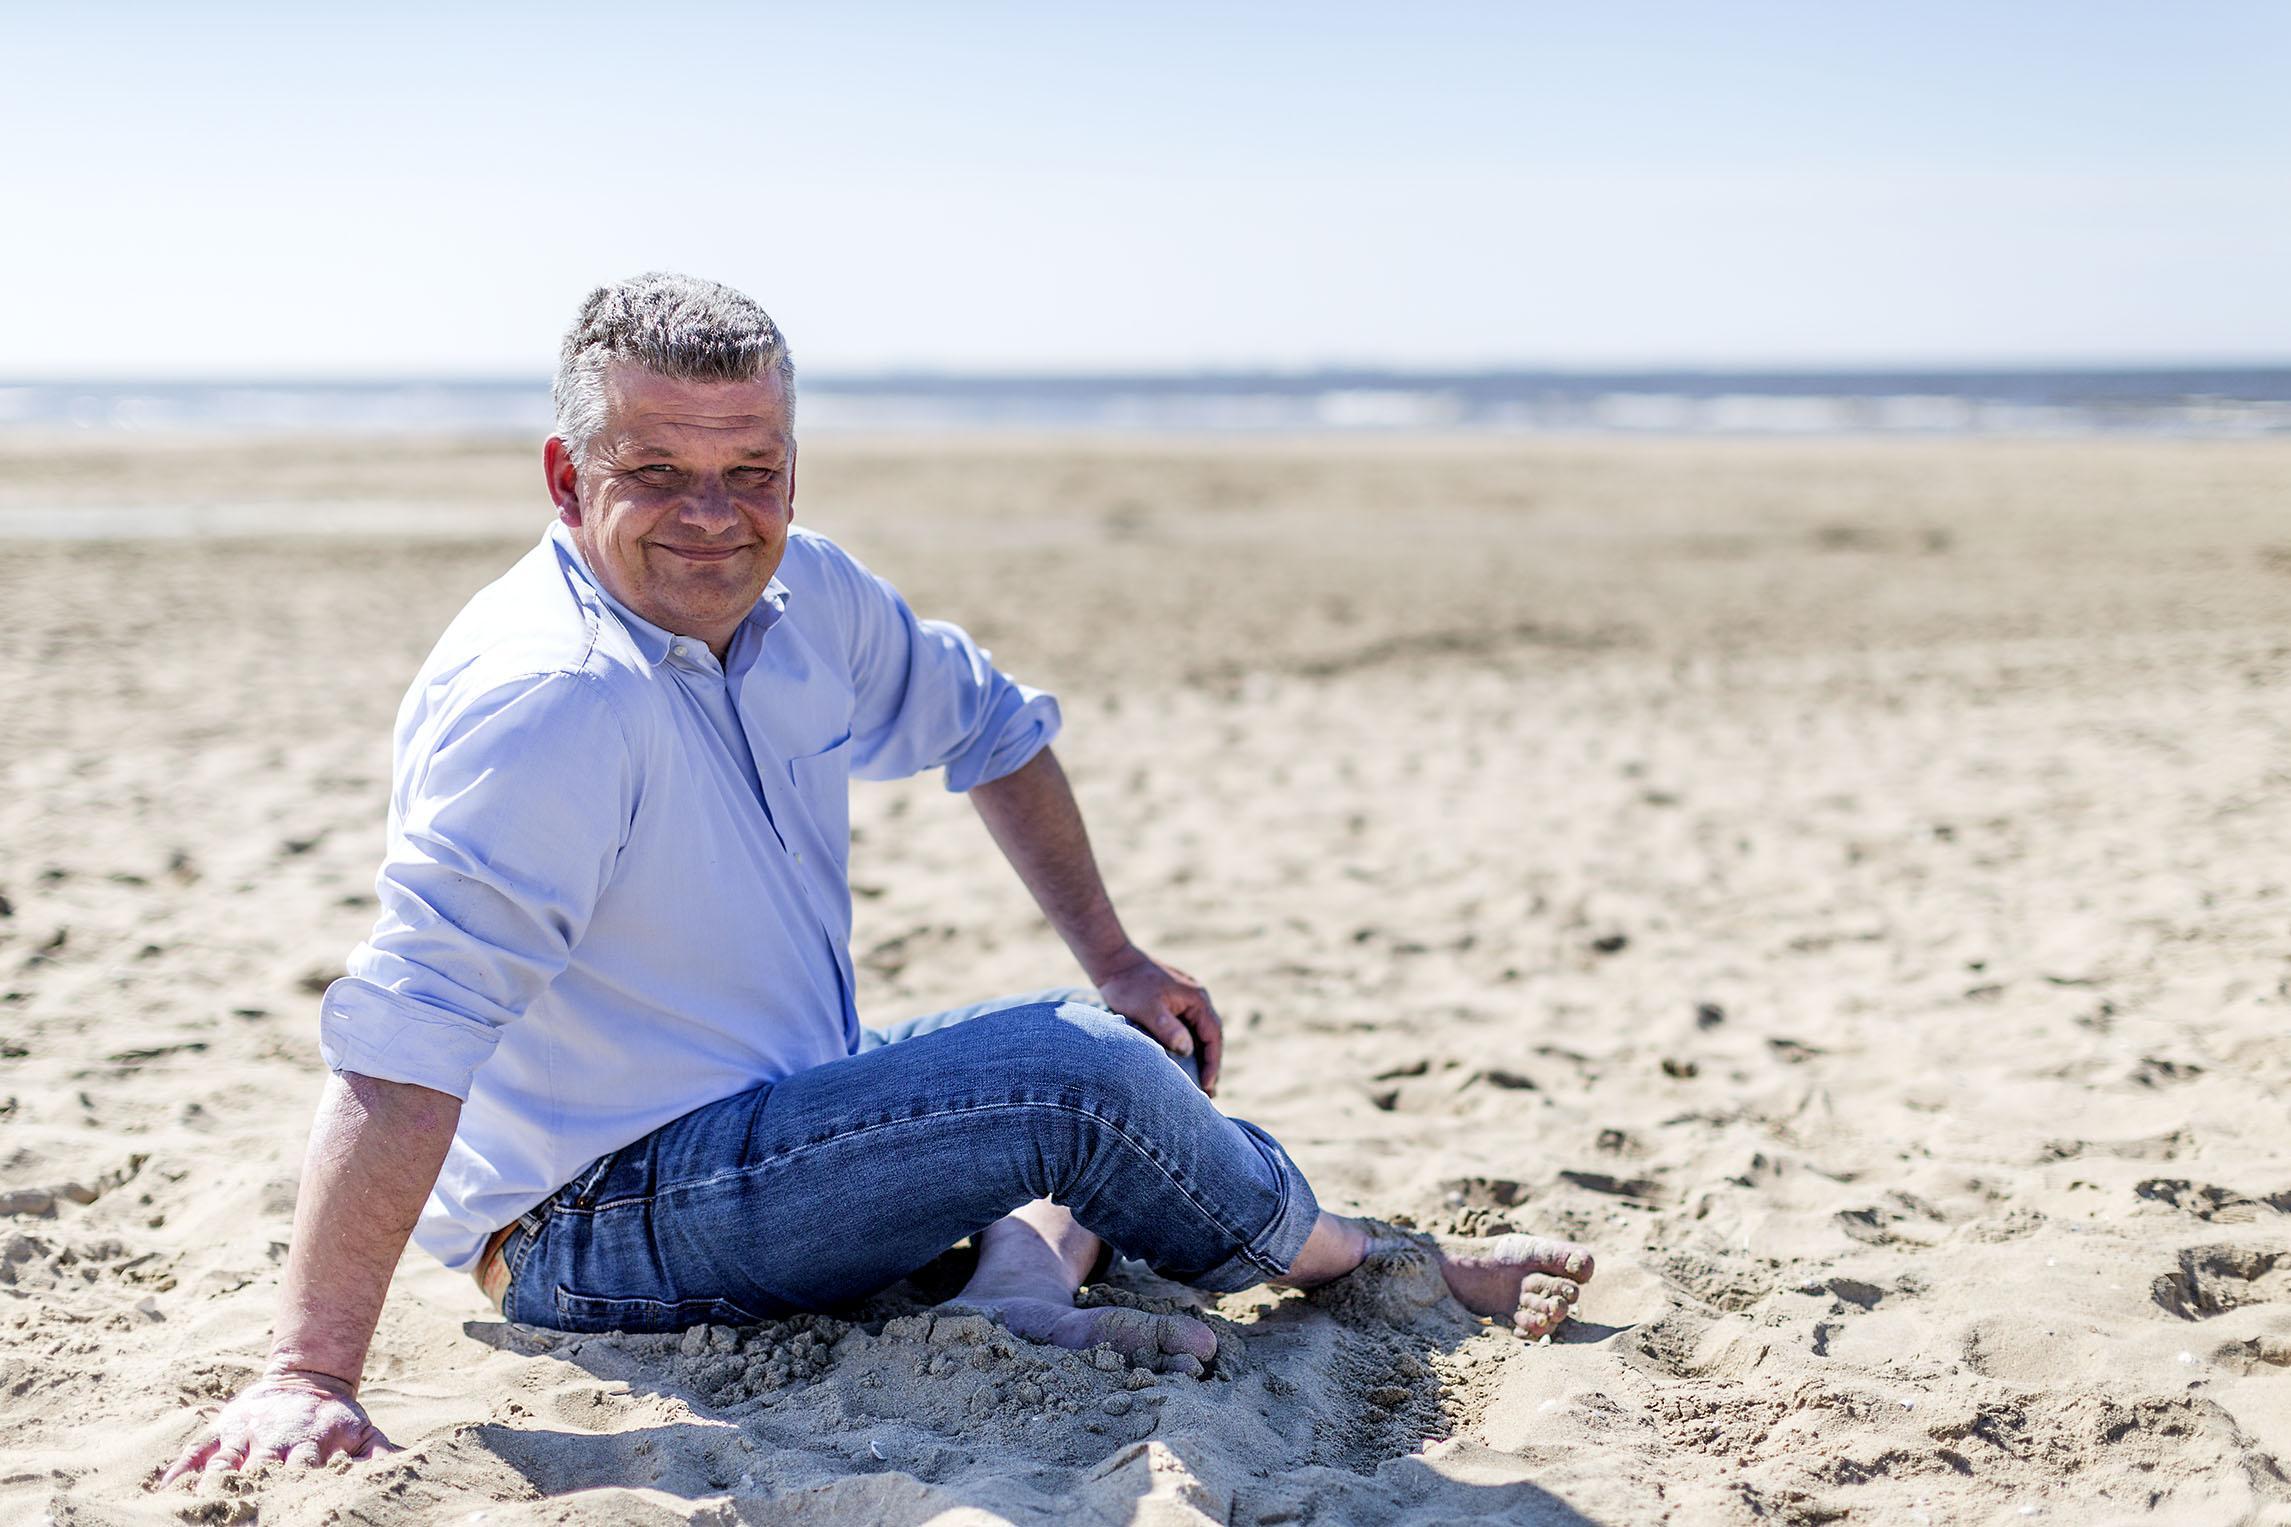 Wethouder Leiderdorp beschuldigde boeren onbewust: 'Had motie beter moeten lezen'